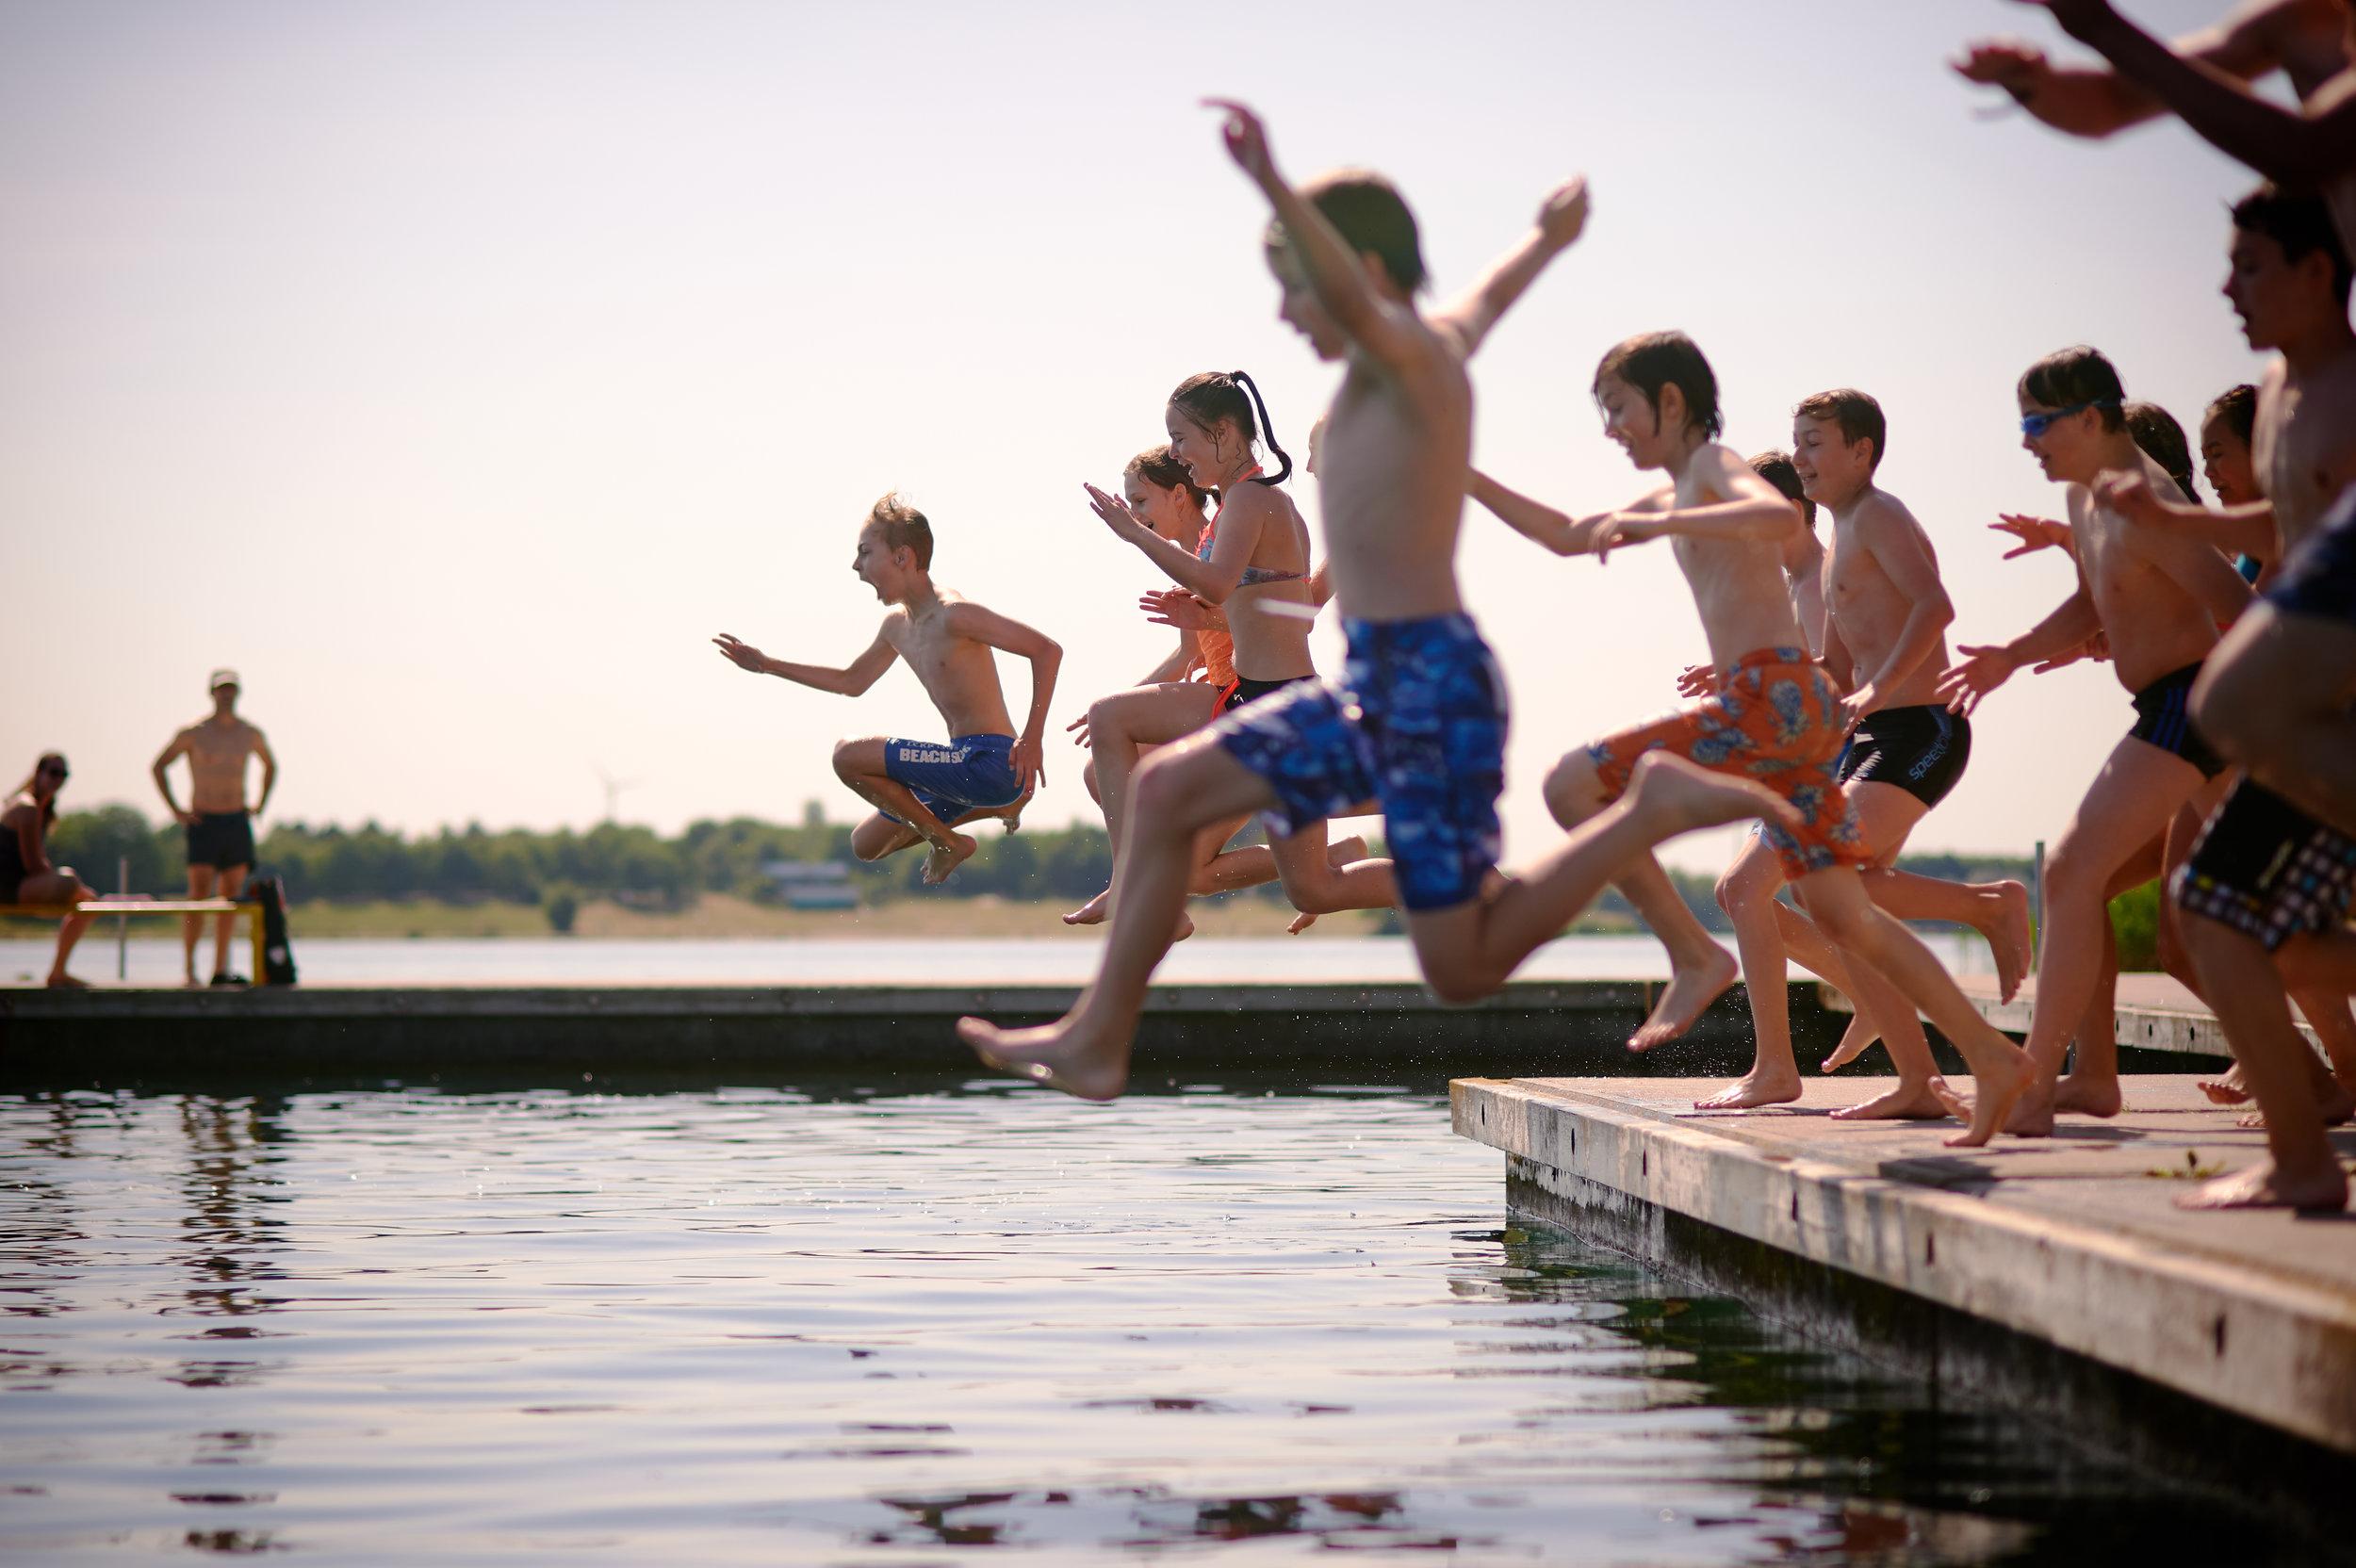 Paddeln mit der ganzen Familie - Hier könnt ihr gemeinsam aufs Wasser und zahlt einen familienfreundlichen Preis!